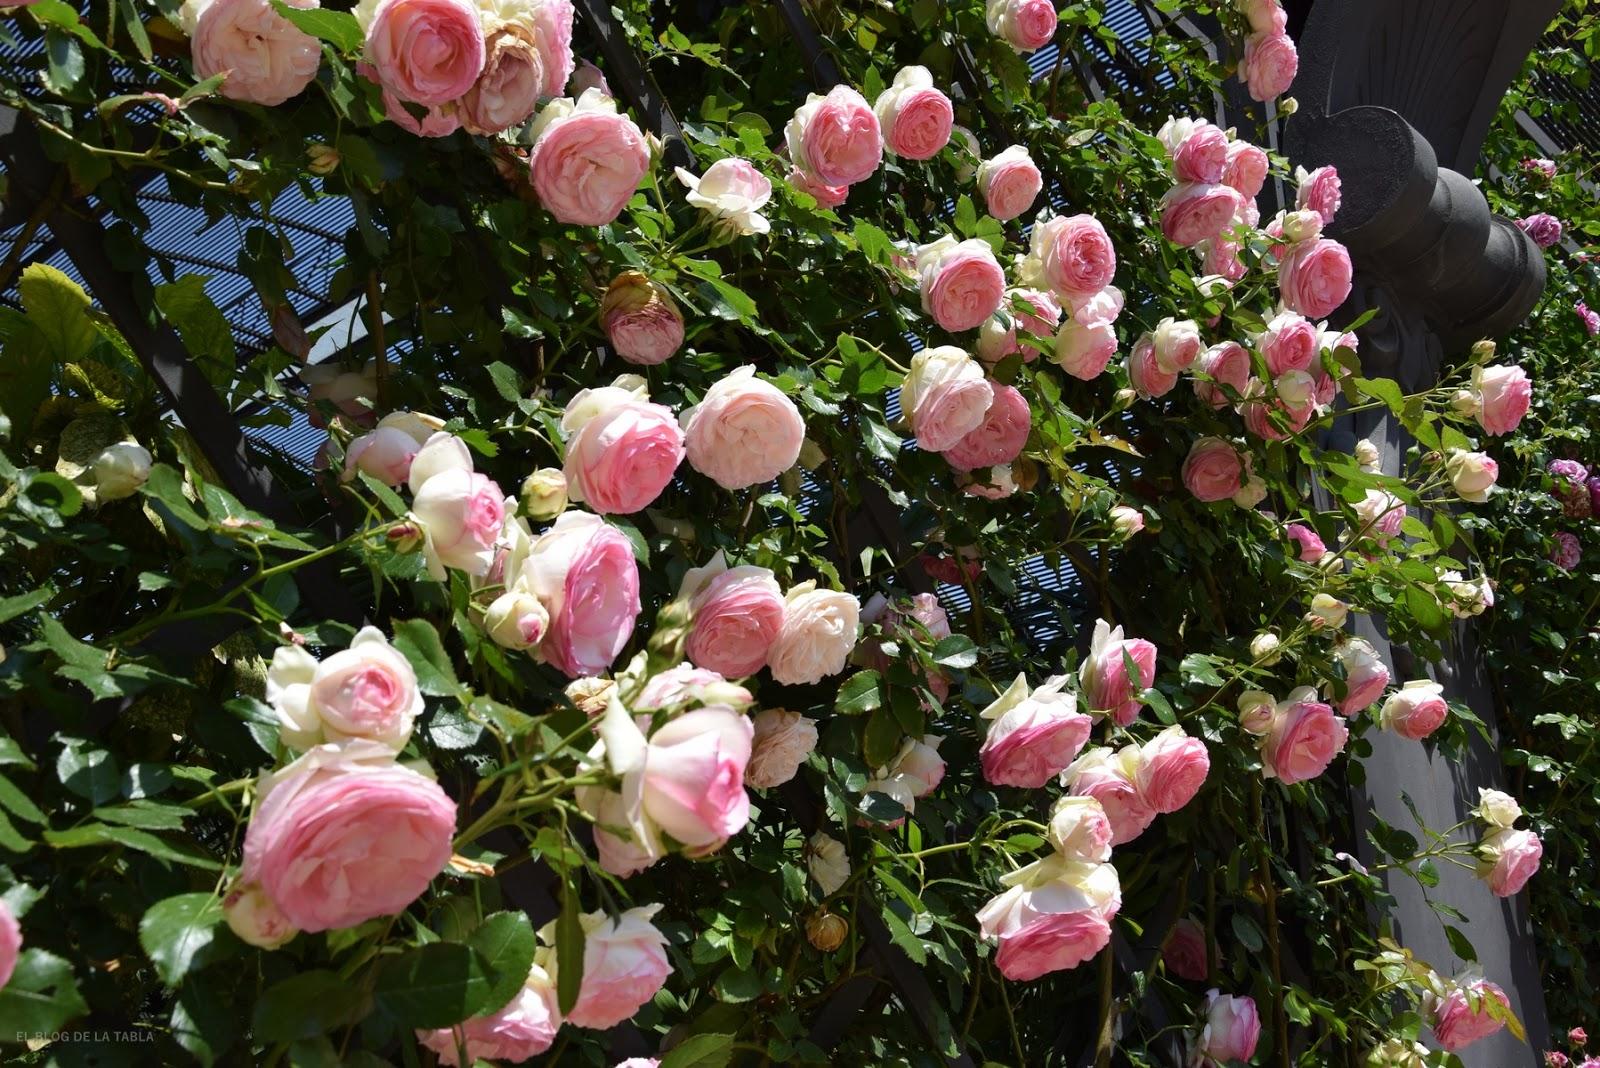 rosal trepador de la colección romántica de Meilland